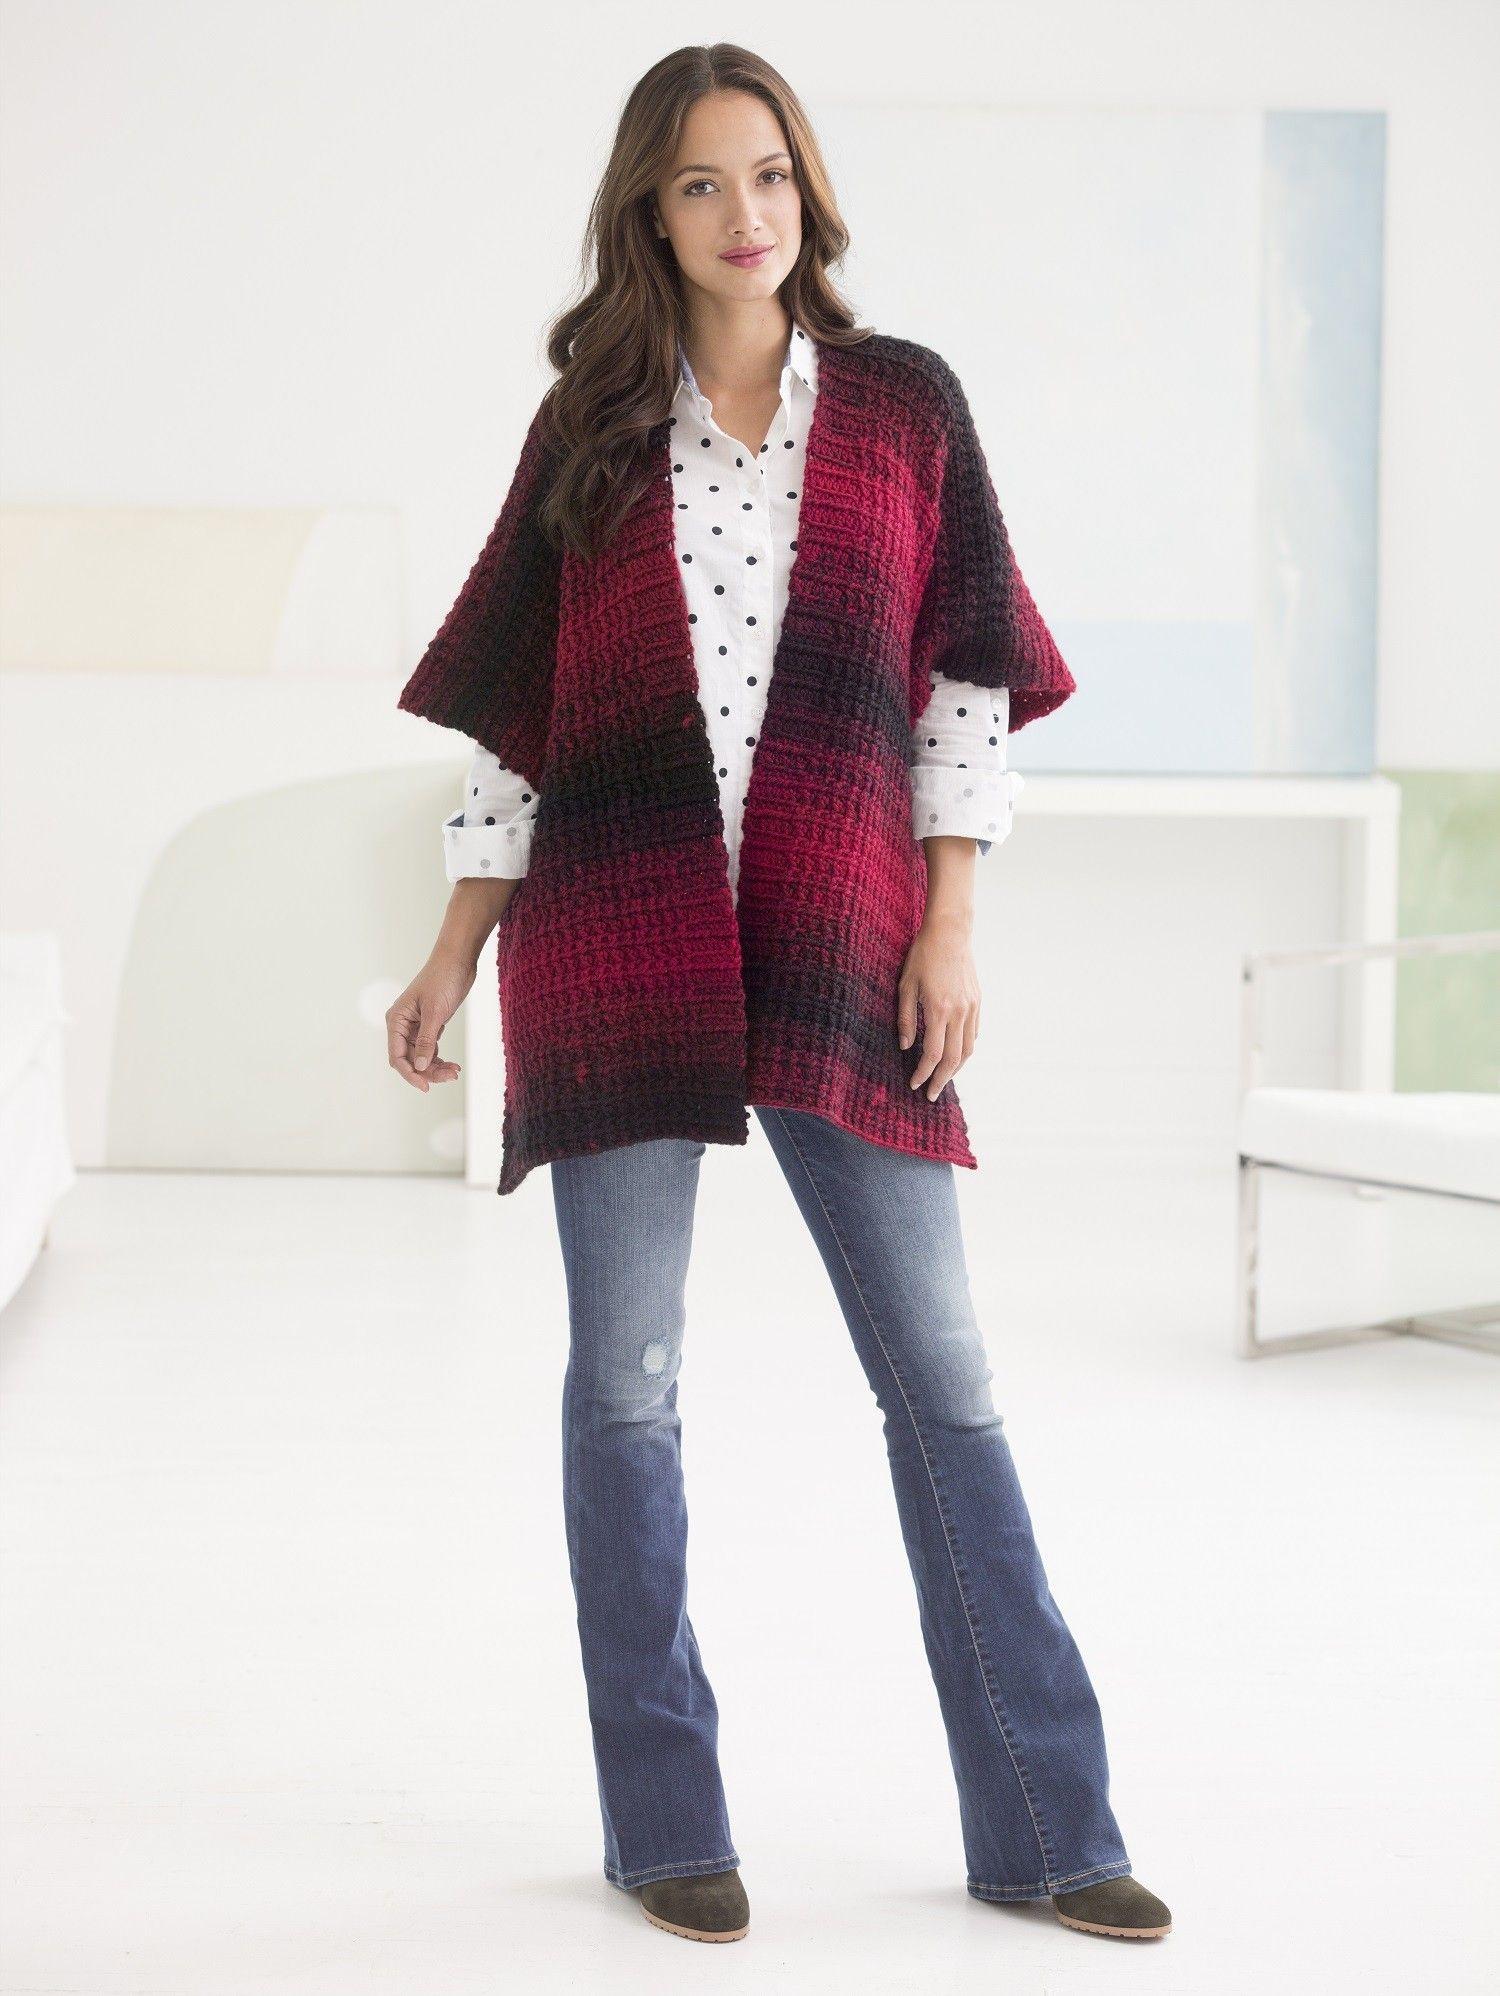 Crochet Kit - Free Spirit Crochet Topper | I wanna make this | Pinterest